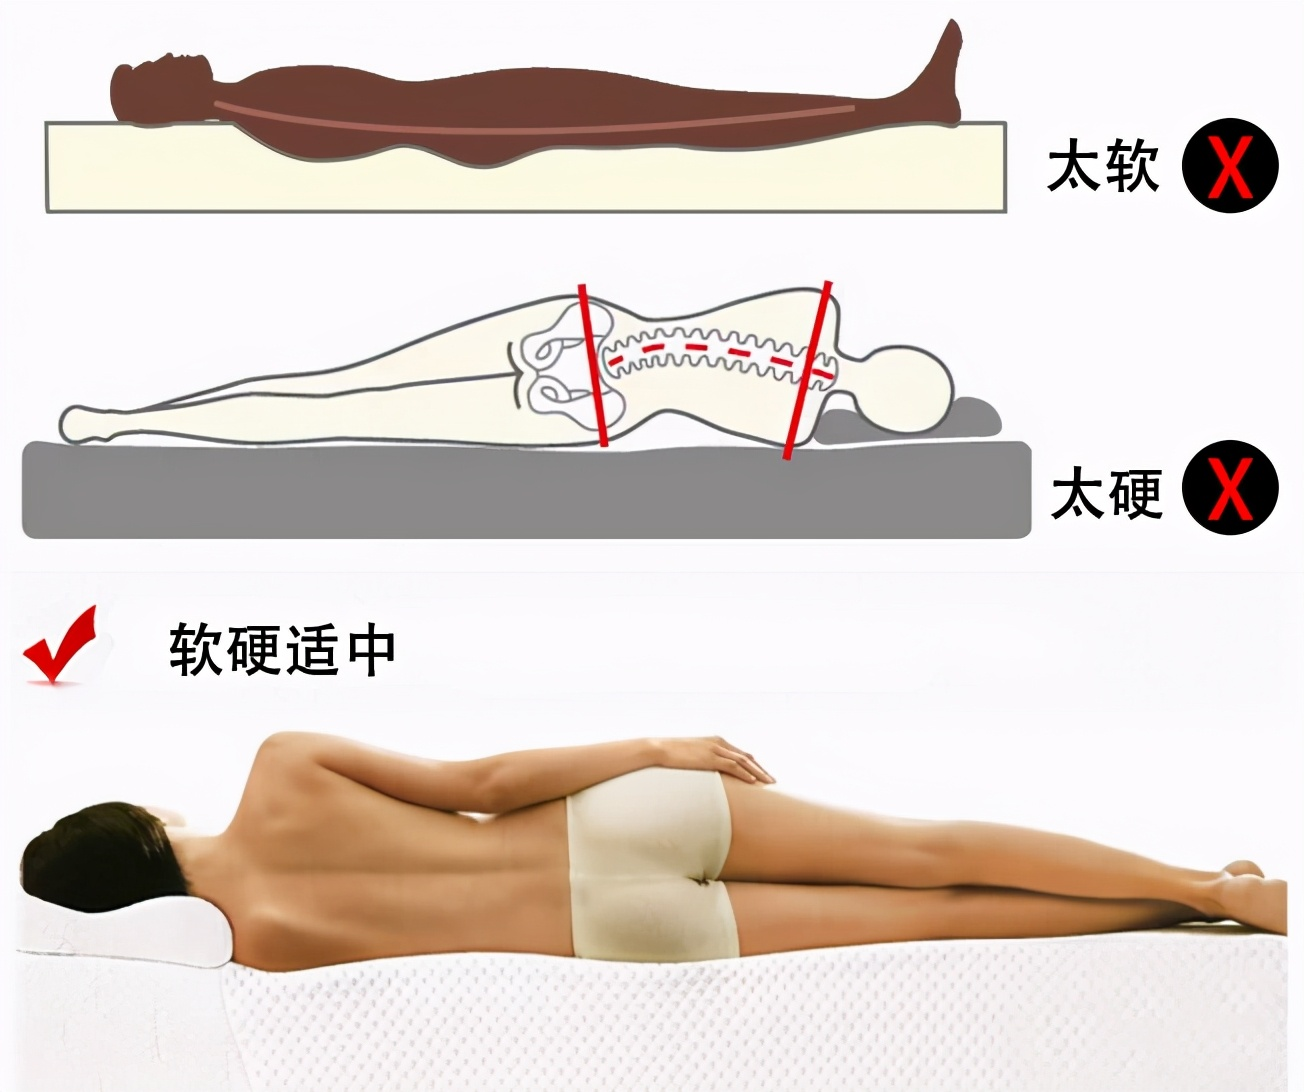 为什么一觉醒来会颈椎难受 原因是床垫没选对